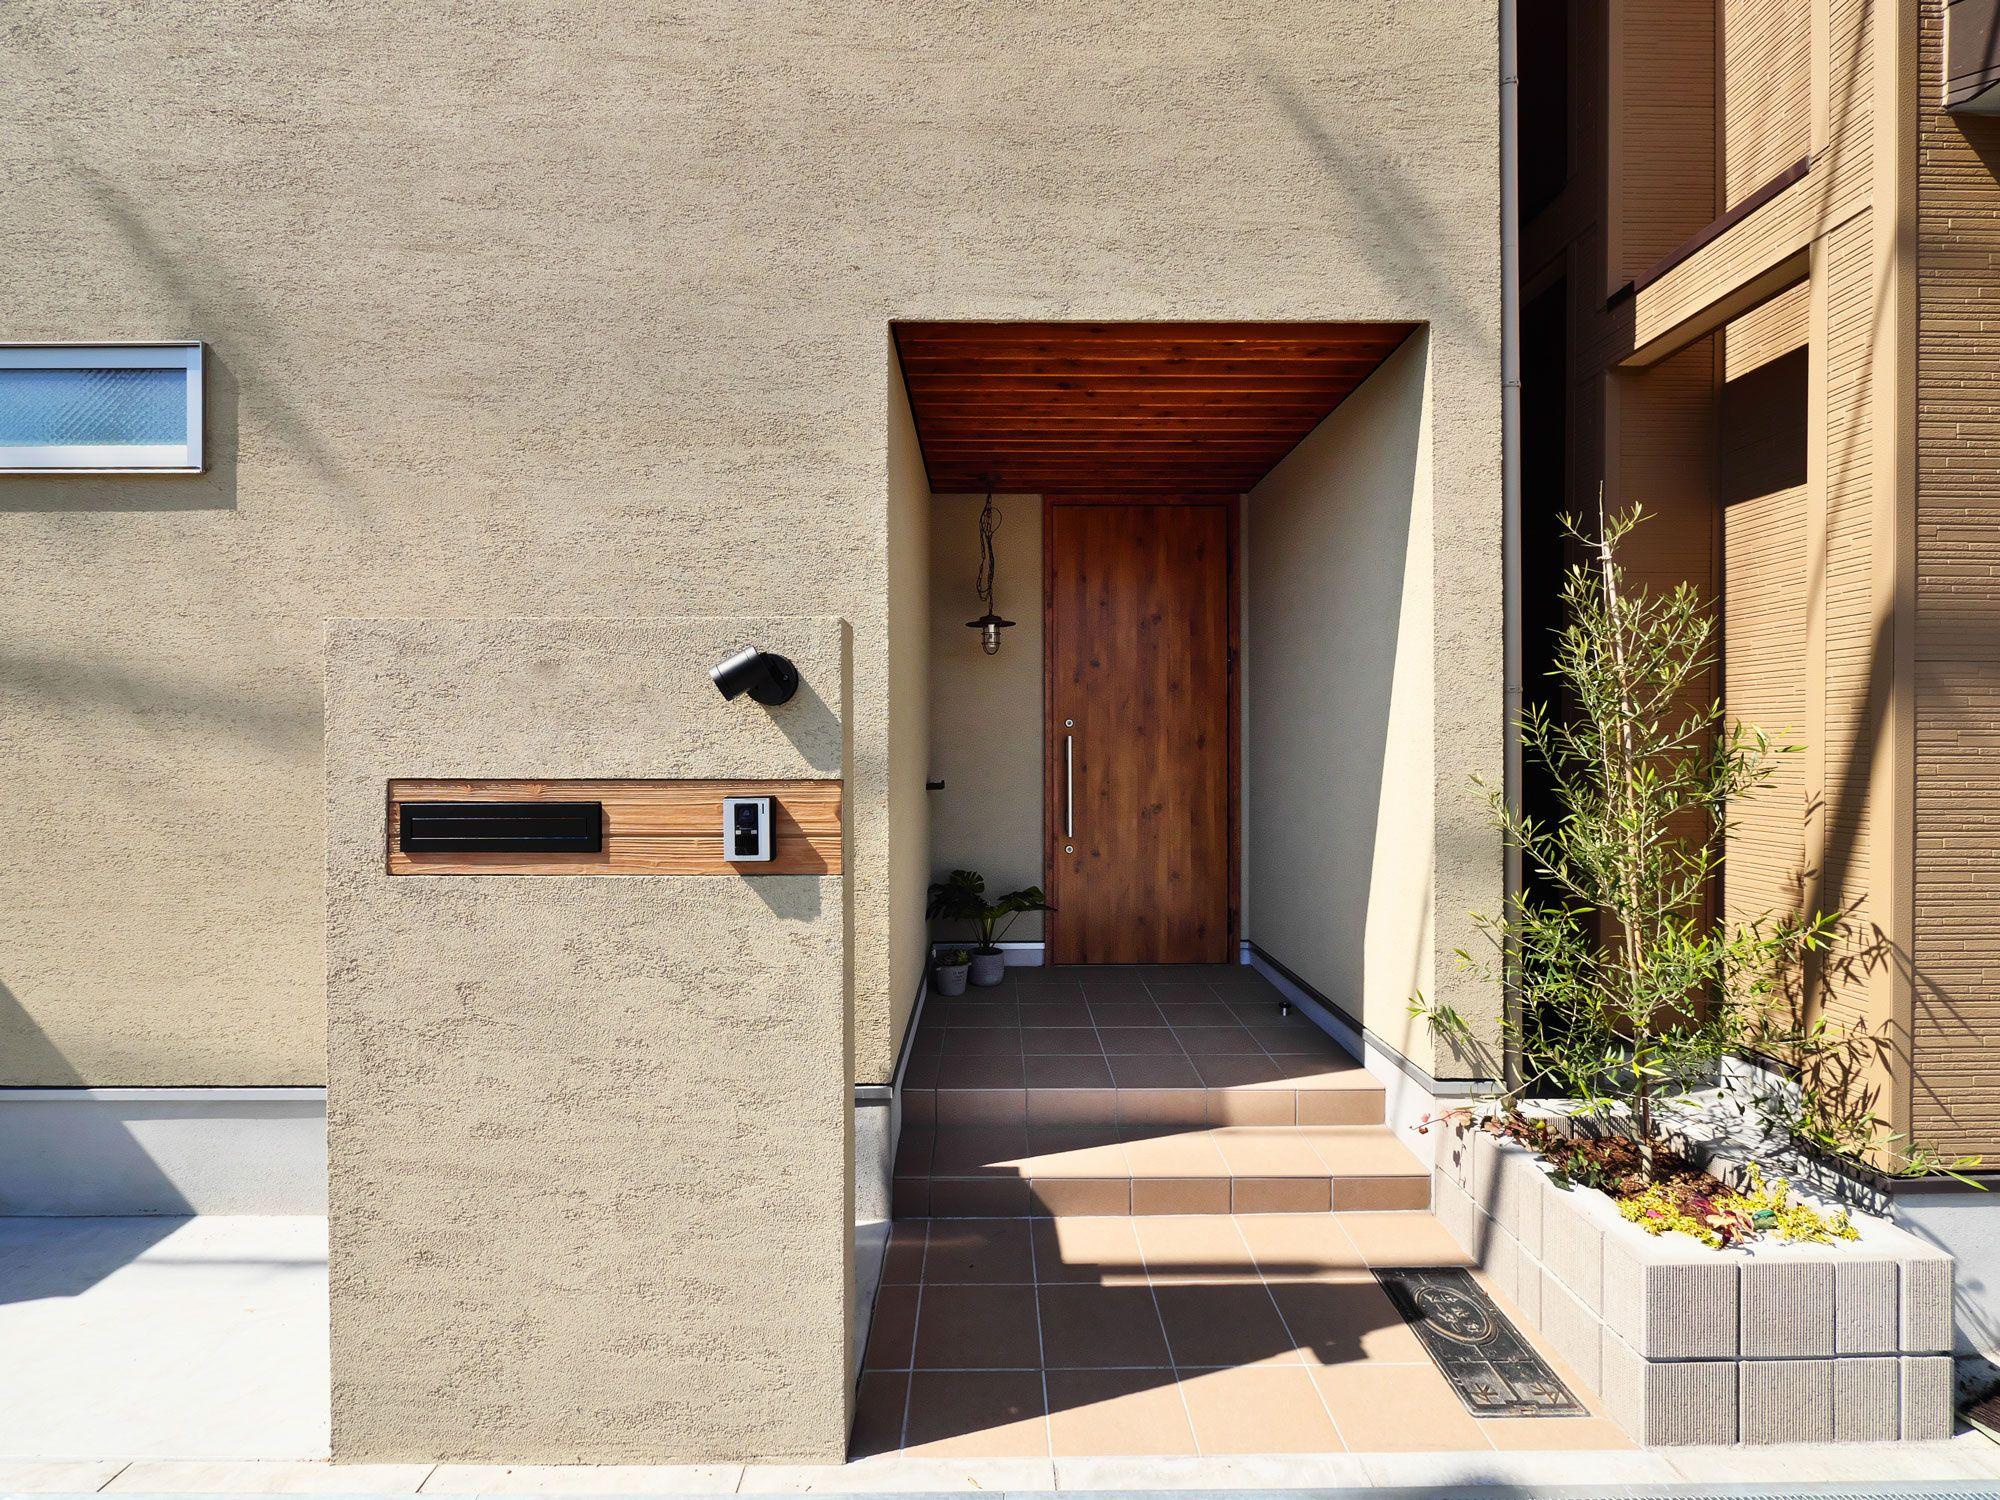 ベージュ色の外壁と木目で統一されたまとまりのある玄関アプローチ